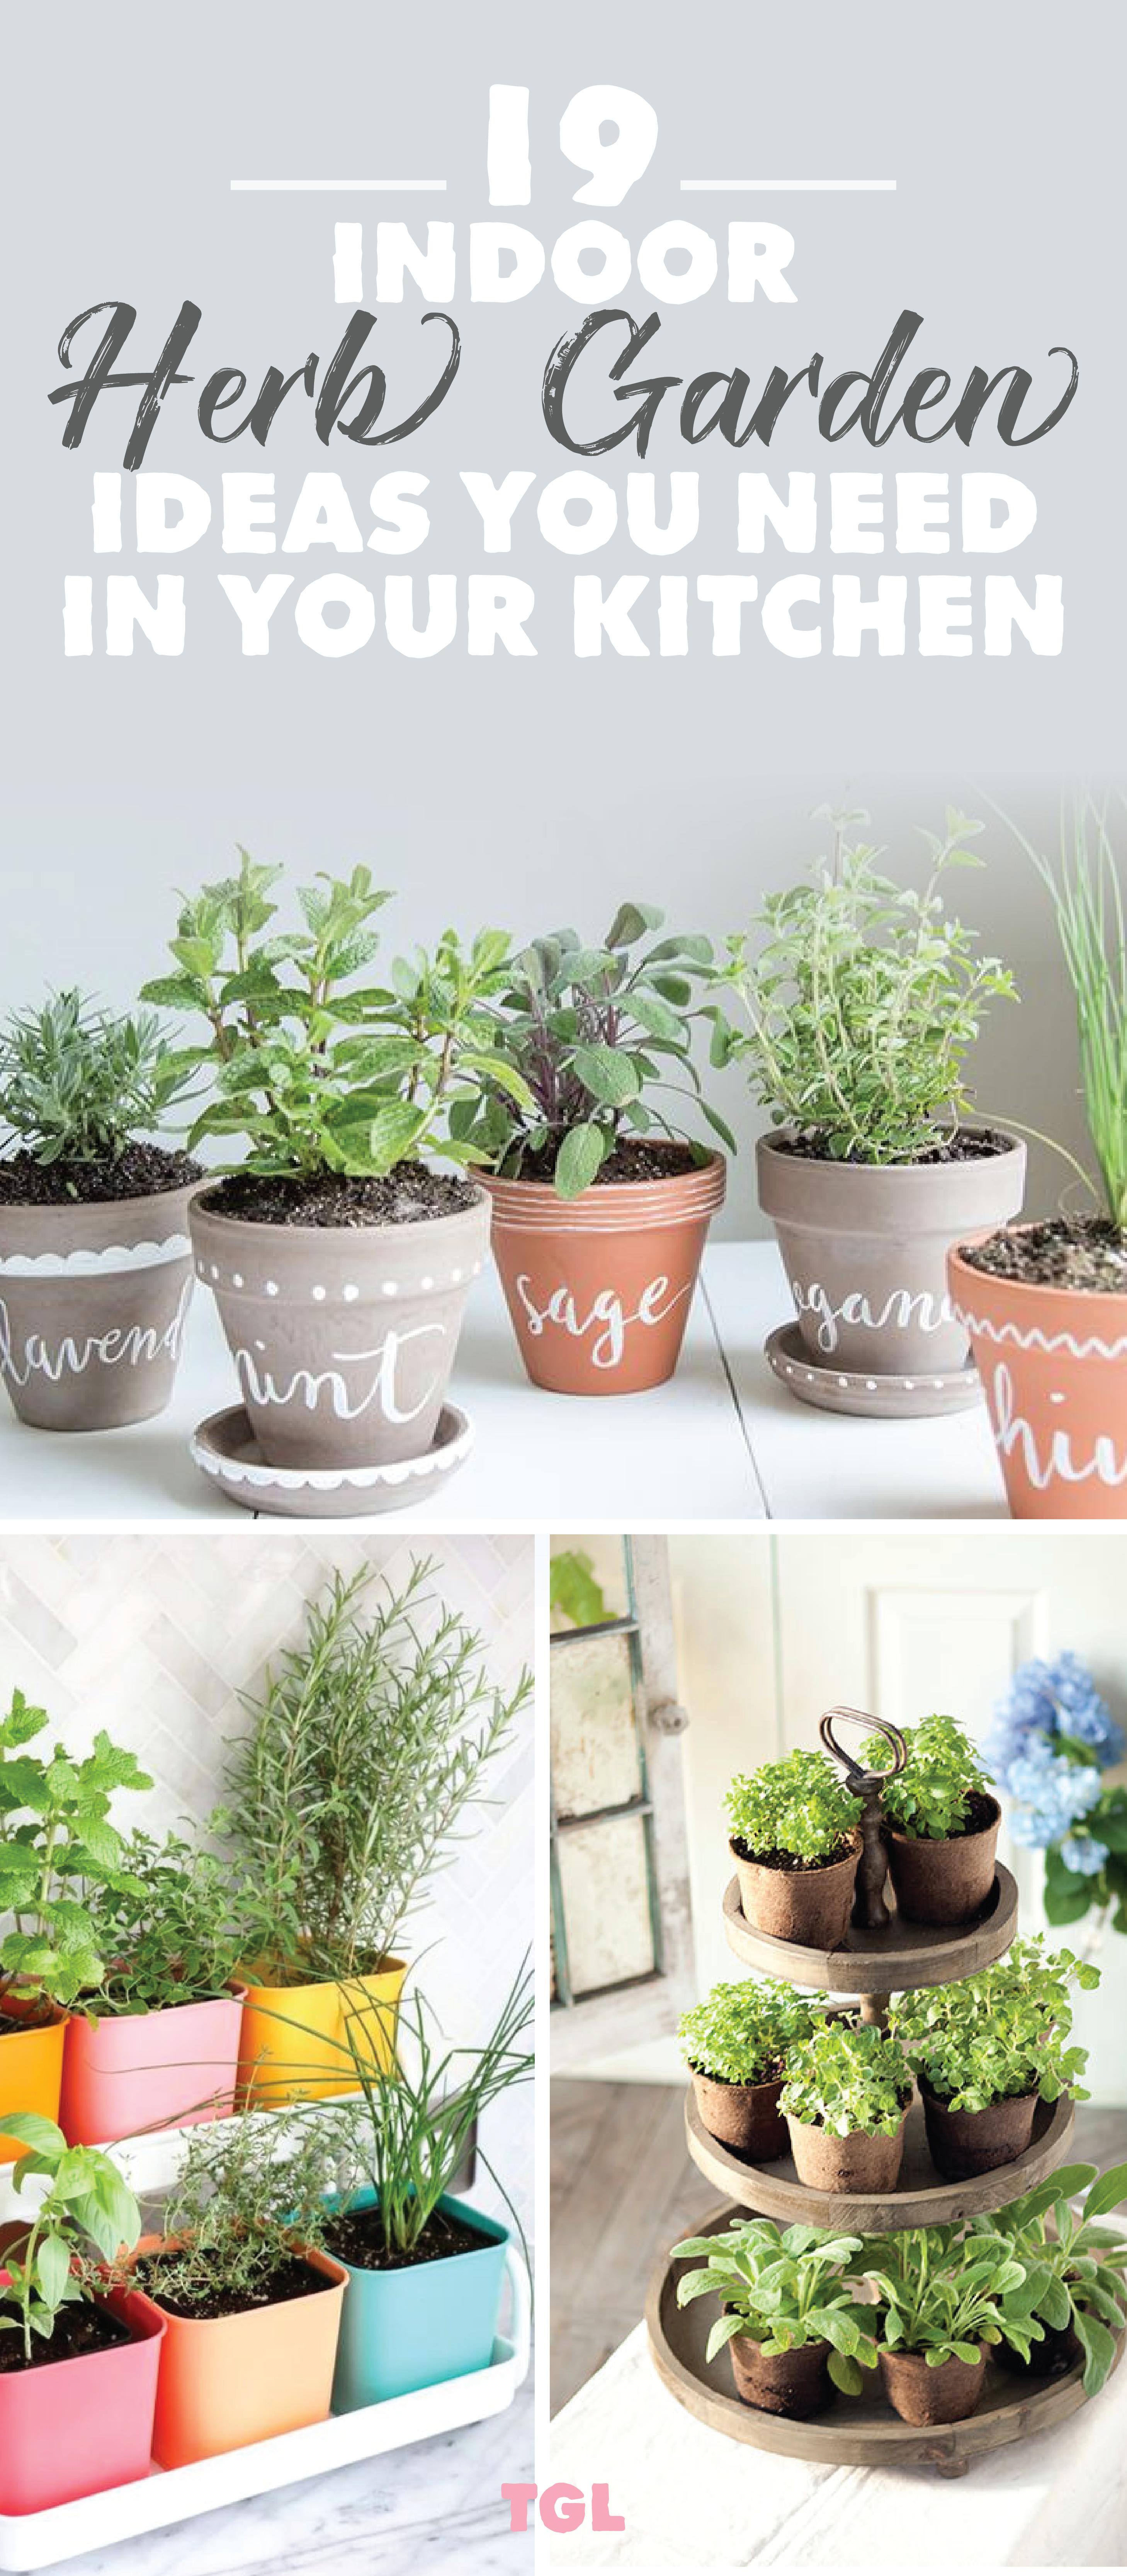 Indoor Herb Garden Diy Herb Garden Ideas Indoor Garden Ideas For Beginners Low Light Lot Indoor Herb Garden Diy Indoor Herb Garden Herb Garden In Kitchen